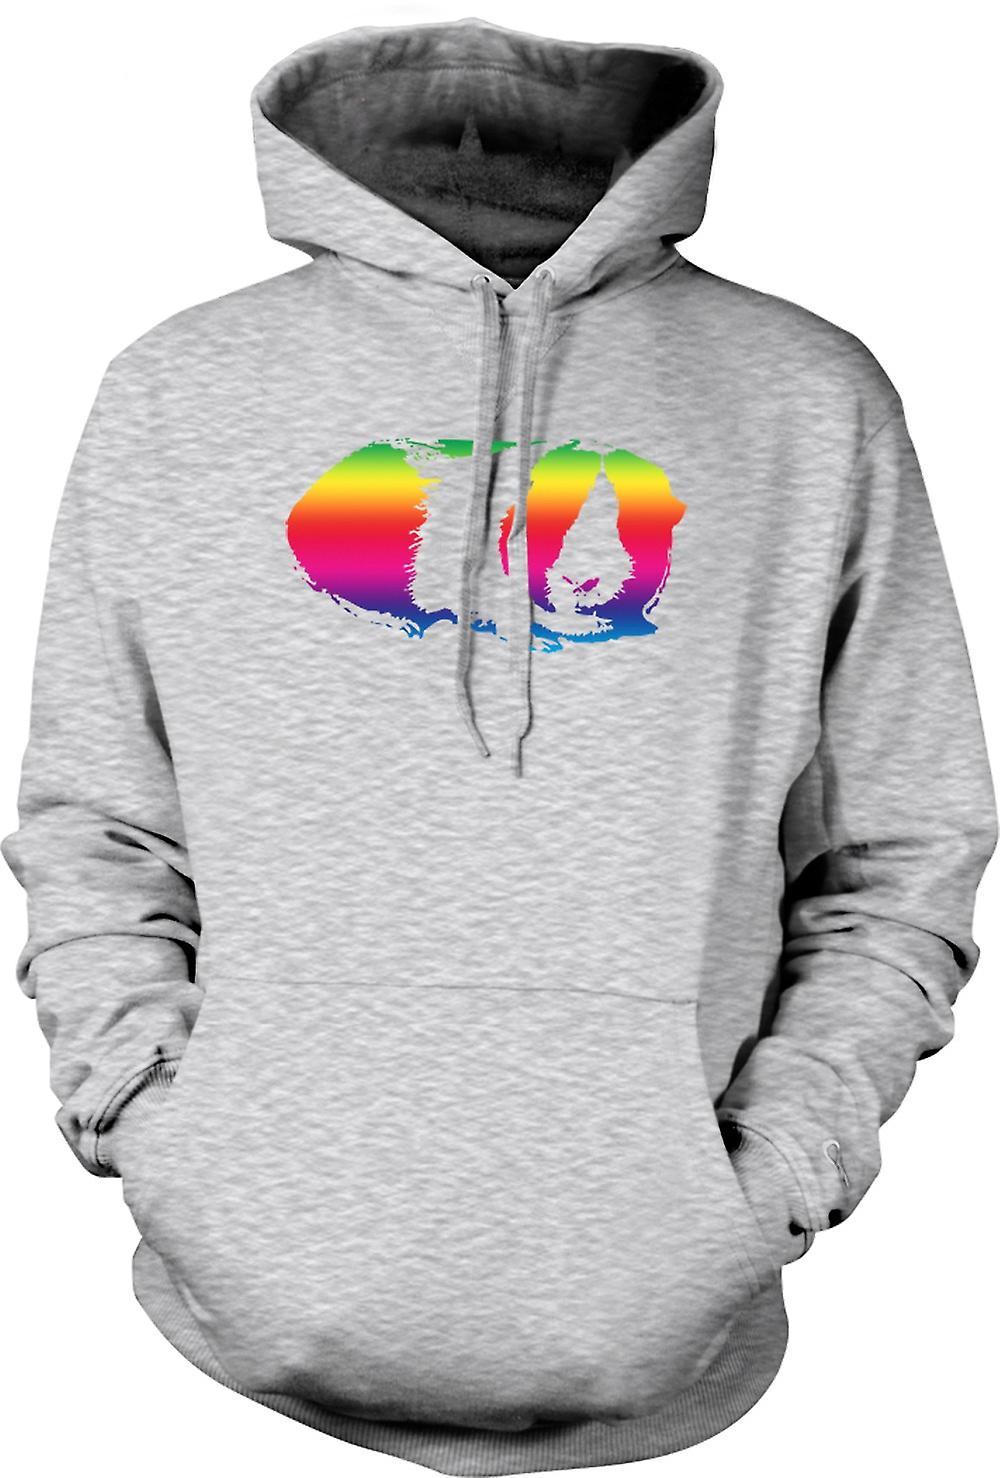 Felpa con cappuccio uomo - cavia arcobaleno